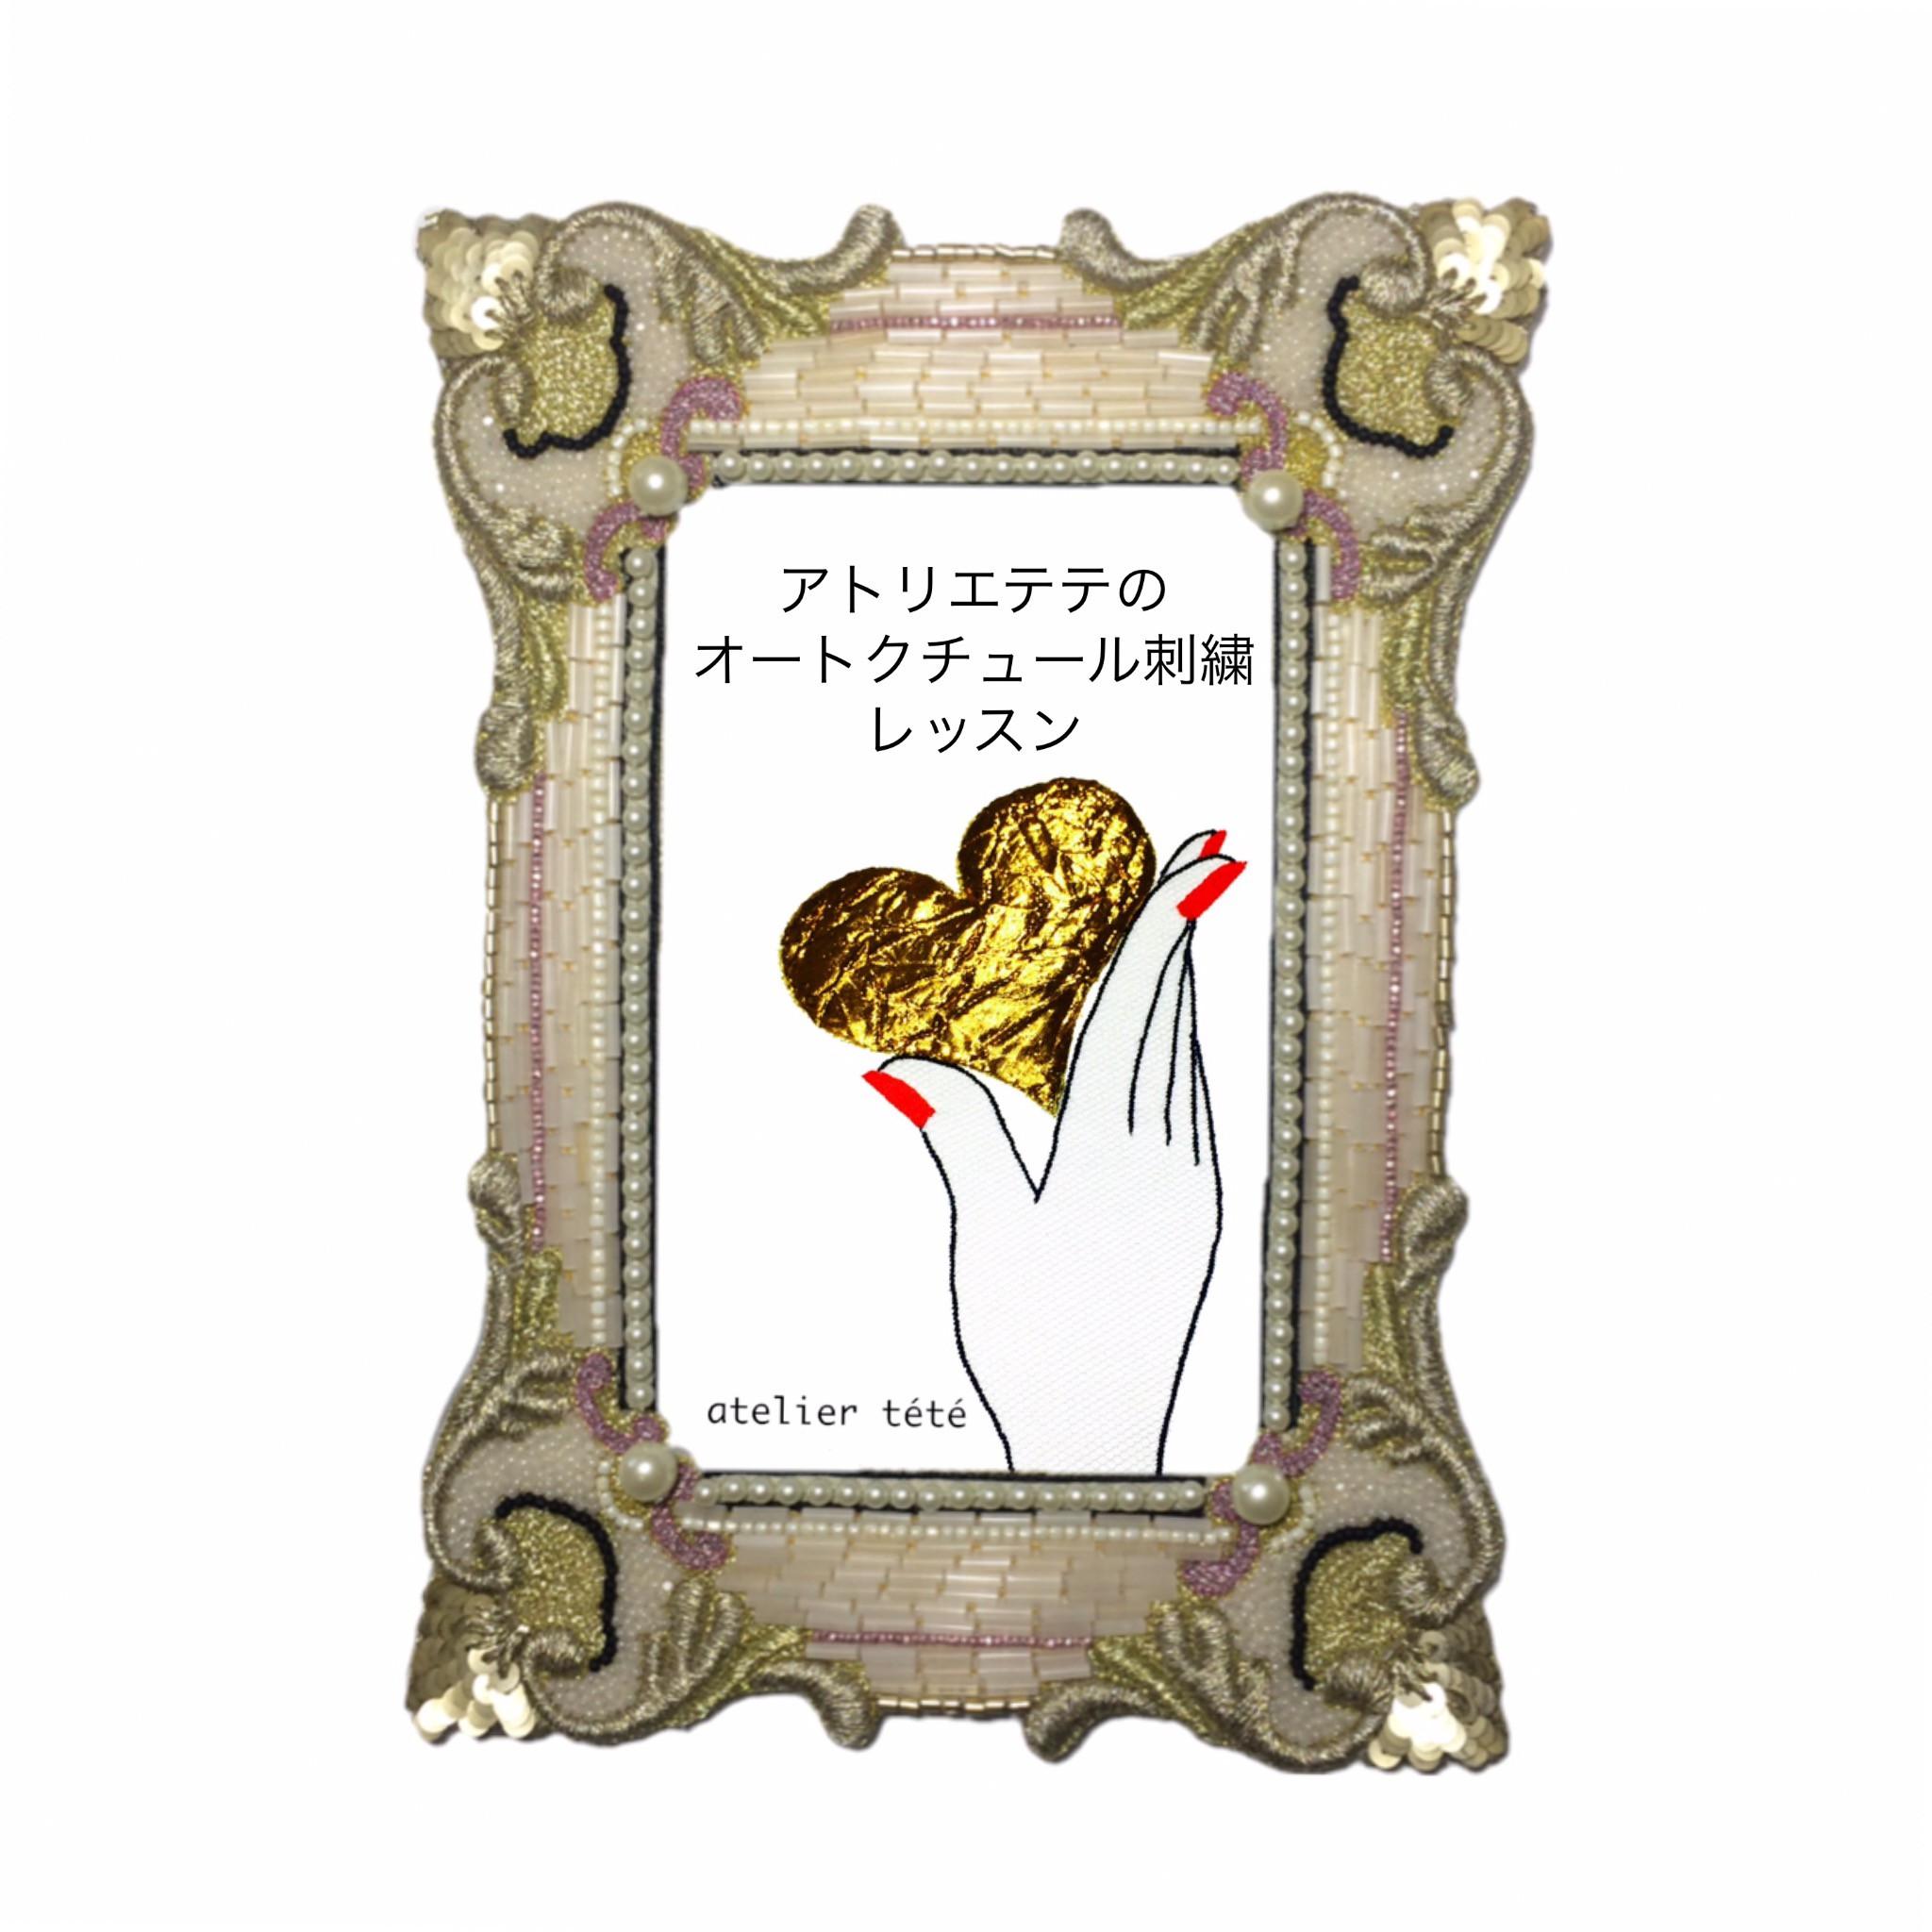 アトリエテテのオートクチュール刺繍レッスン 〜はじめに準備頂くものと会場のお知らせ〜